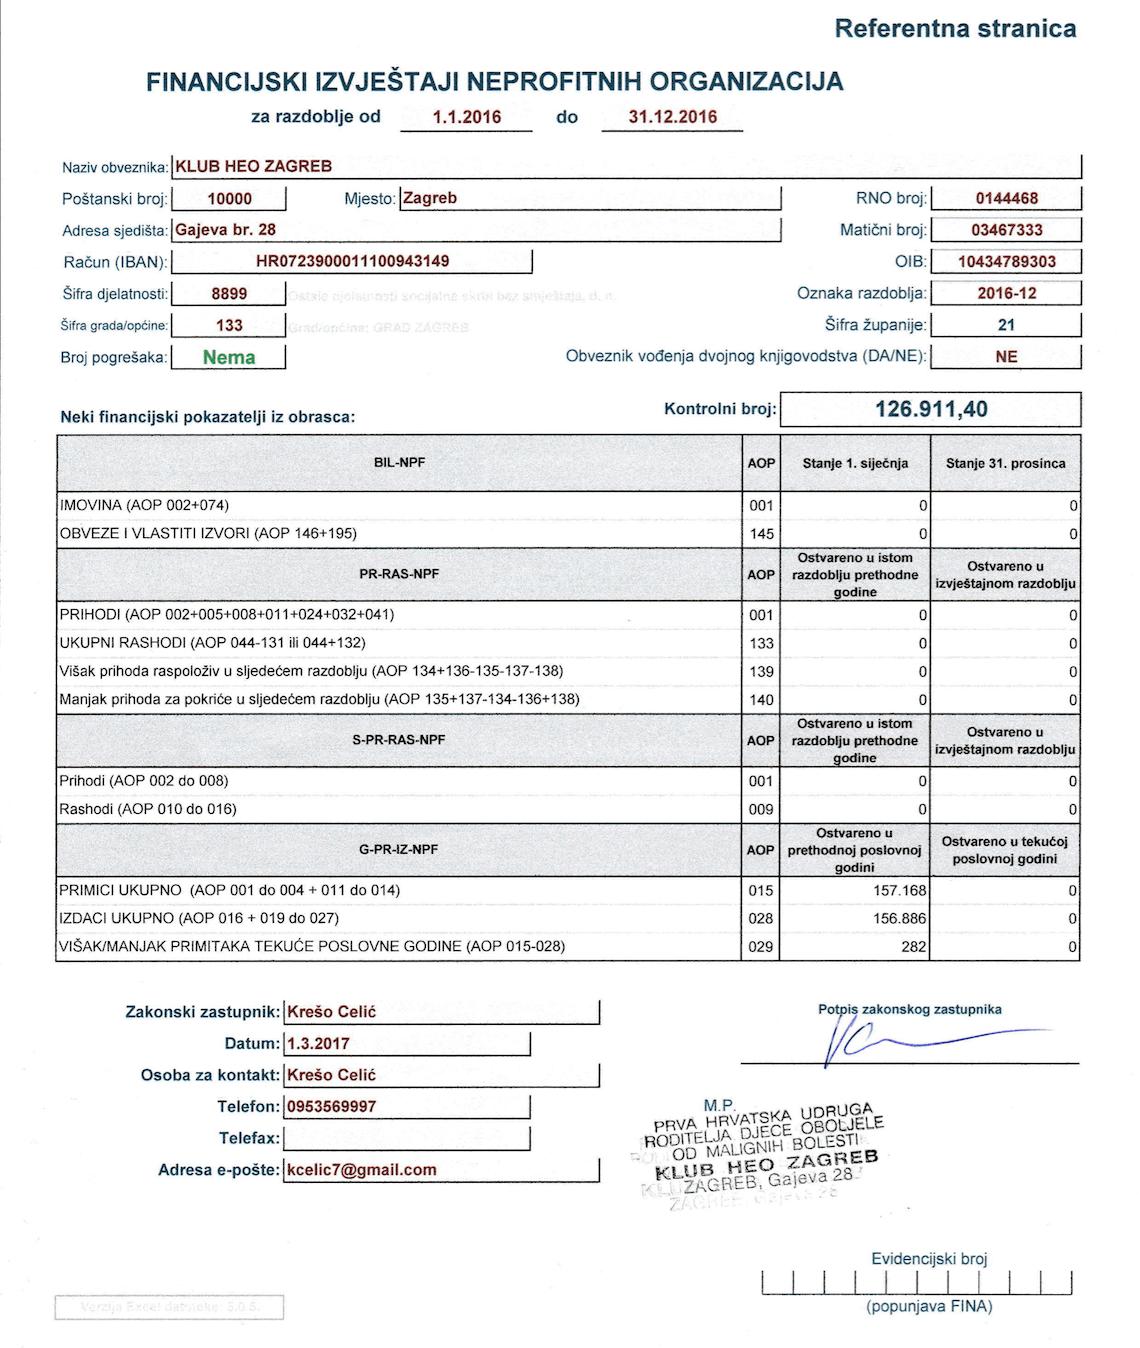 financijski-izvjestaj-2016-1a